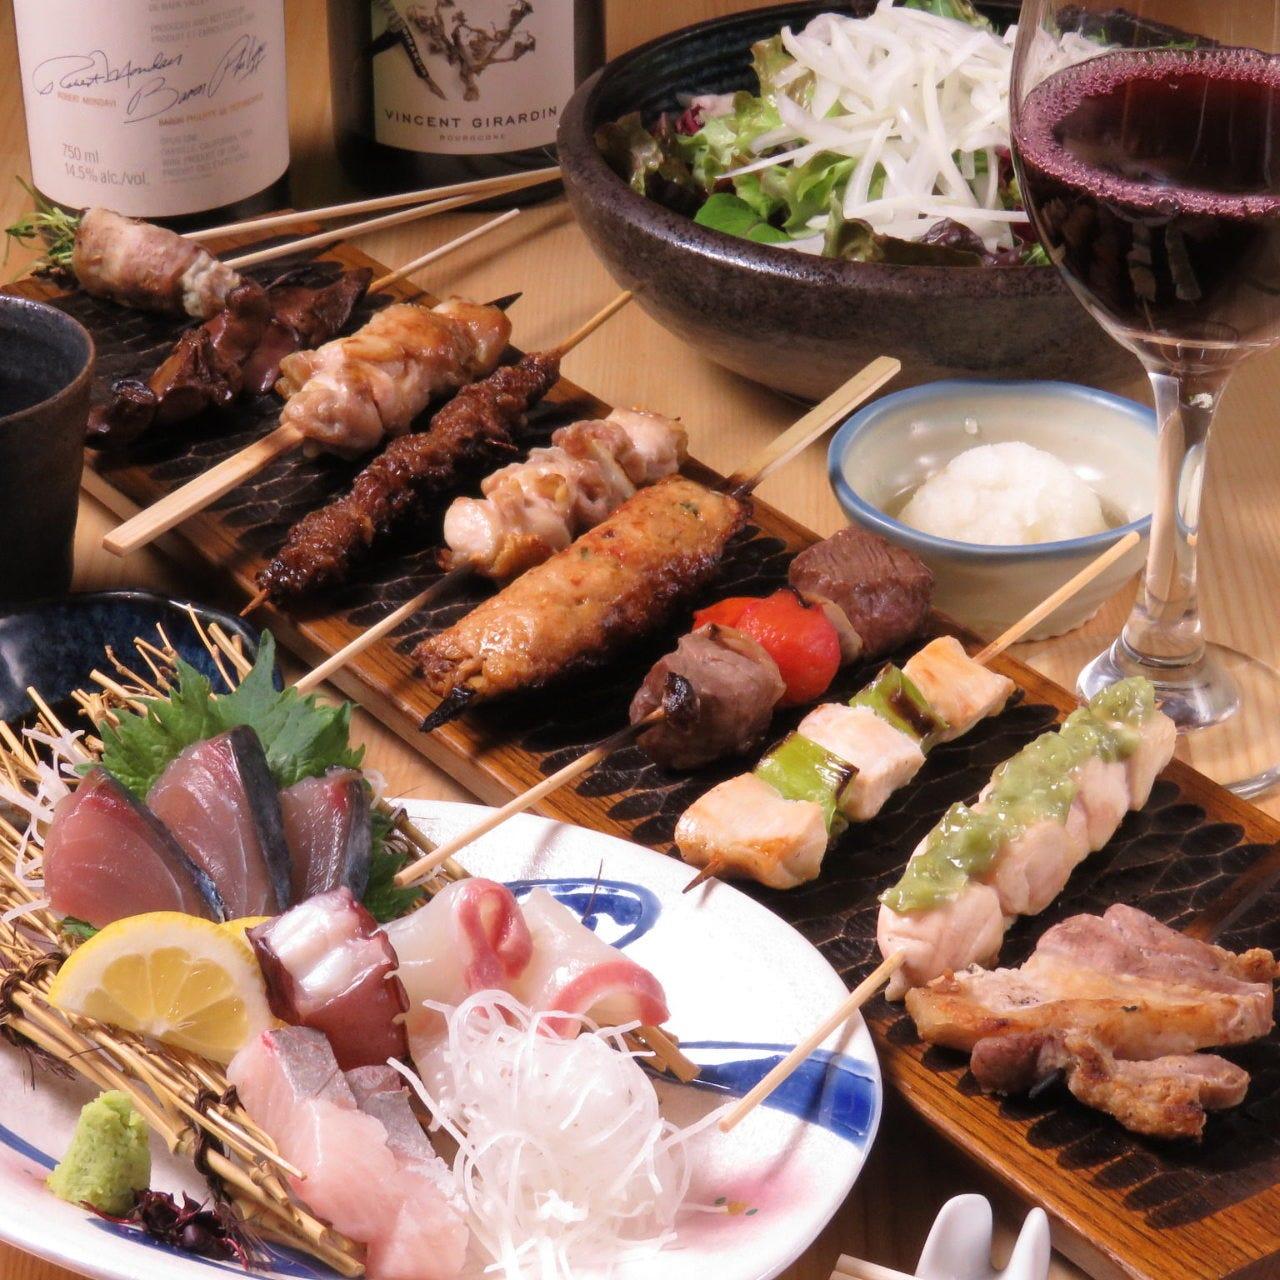 鮮魚の刺盛に加え、朝引き鶏や赤牛、糸島豚入りの10本コース